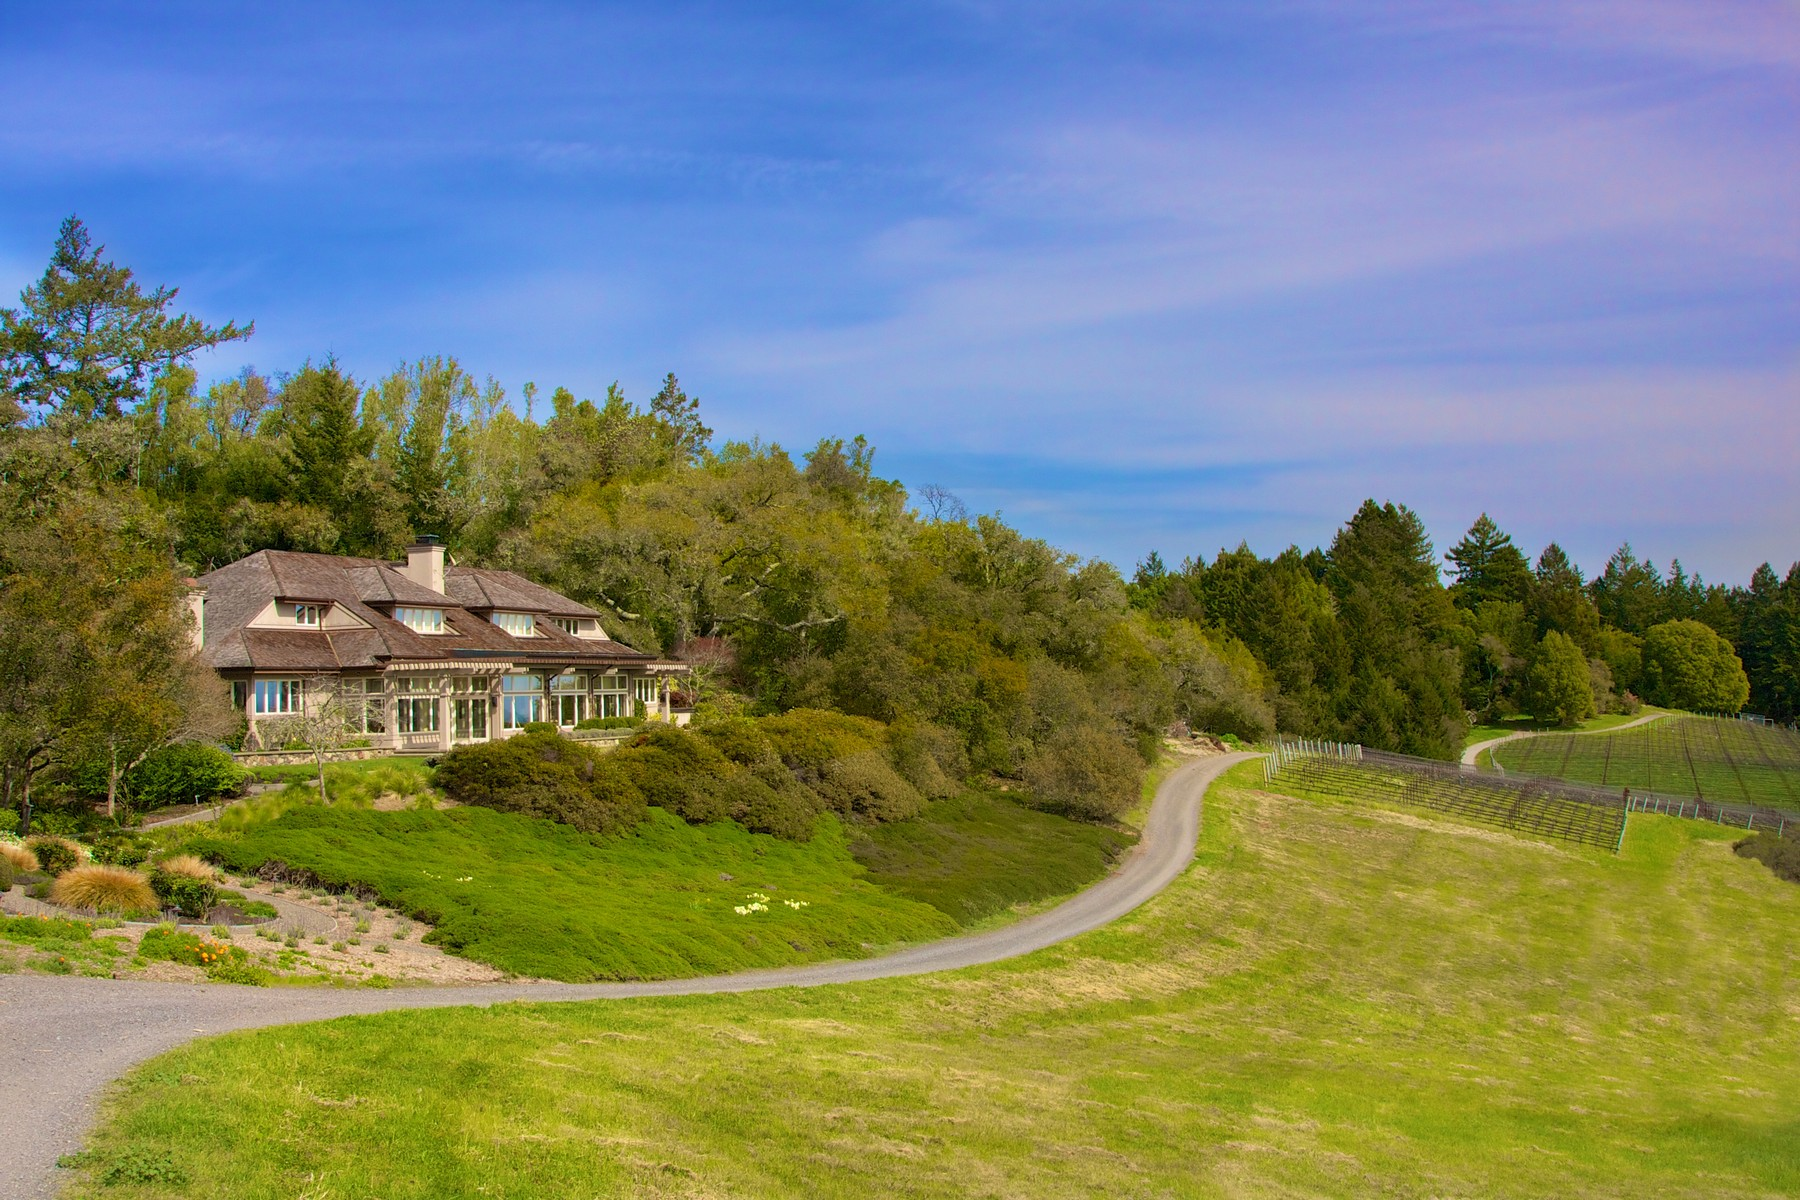 Maison unifamiliale pour l Vente à Platt Estate 15500 Bodega Highway Occidental, Californie, 95465 États-Unis